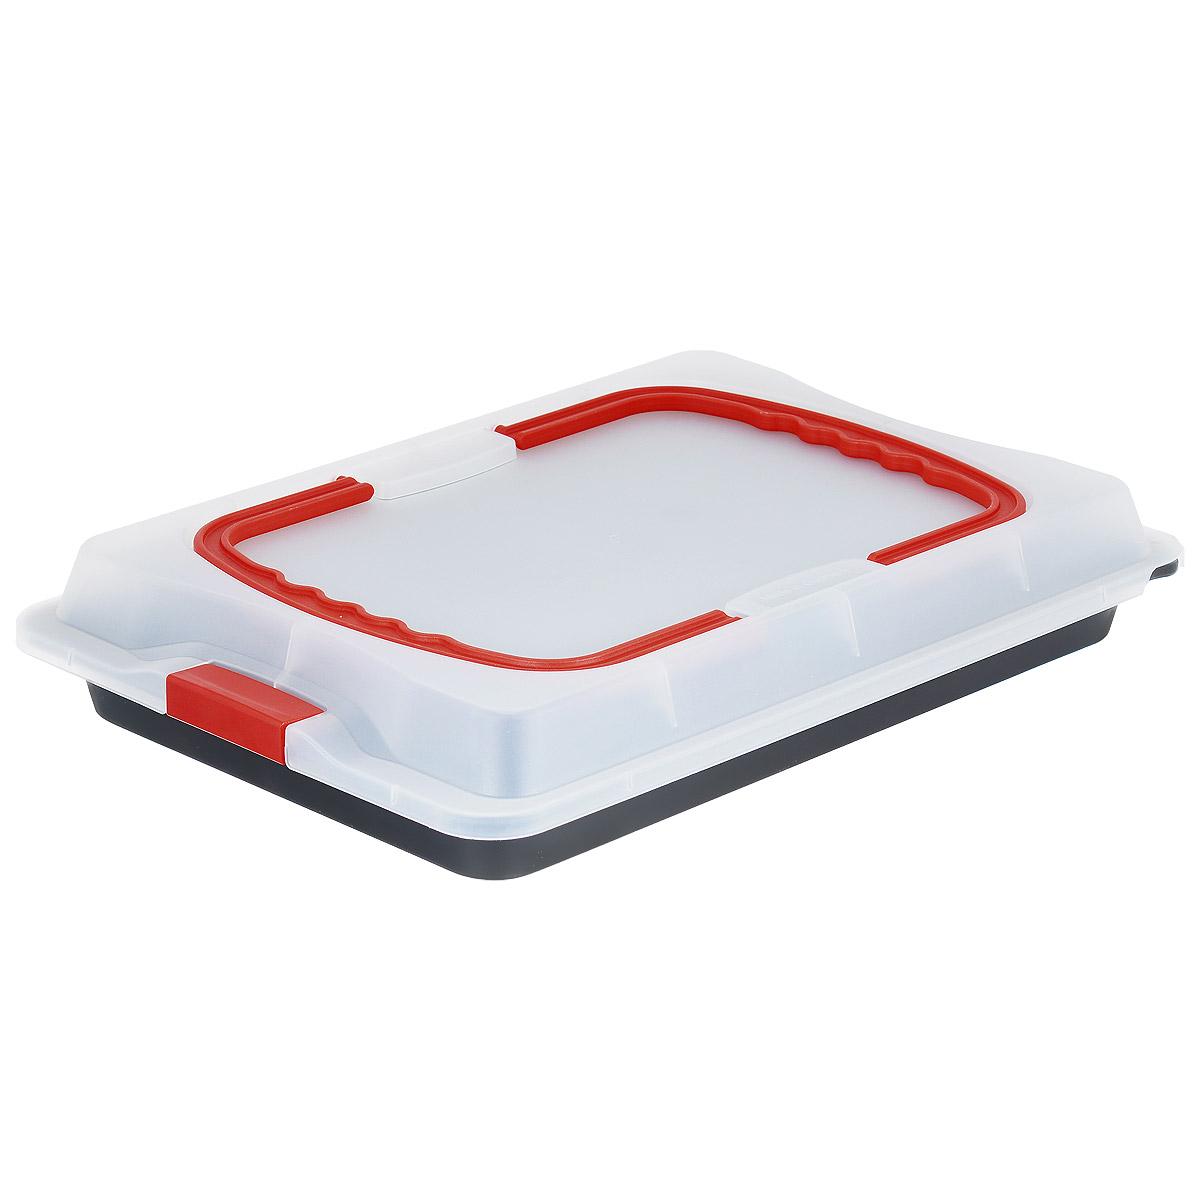 Противень Dr.Oetker Bake&Go с крышкой, с антипригарным покрытием, 29 х 42 см1012Противень Dr.Oetker Bake&Go изготовлен из углеродистой стали с антипригарным покрытием Teflon. Пища не пригорает и не прилипает к стенкам, что облегчает процесс сервировки и мытья. Изделие имеет прямоугольную форму и прекрасно подходит для приготовления запеканок, жаркое, тушения мяса и овощей. Такой противень предназначен для выпечки и переноса кулинарных изделий. Противень оснащен пластиковой прозрачной крышкой, которая плотно закрывается на две защелки и оснащена двумя ручками. Можно мыть в посудомоечной машине и использовать в духовом шкафу. Противень выдерживает температуру до 230°C.